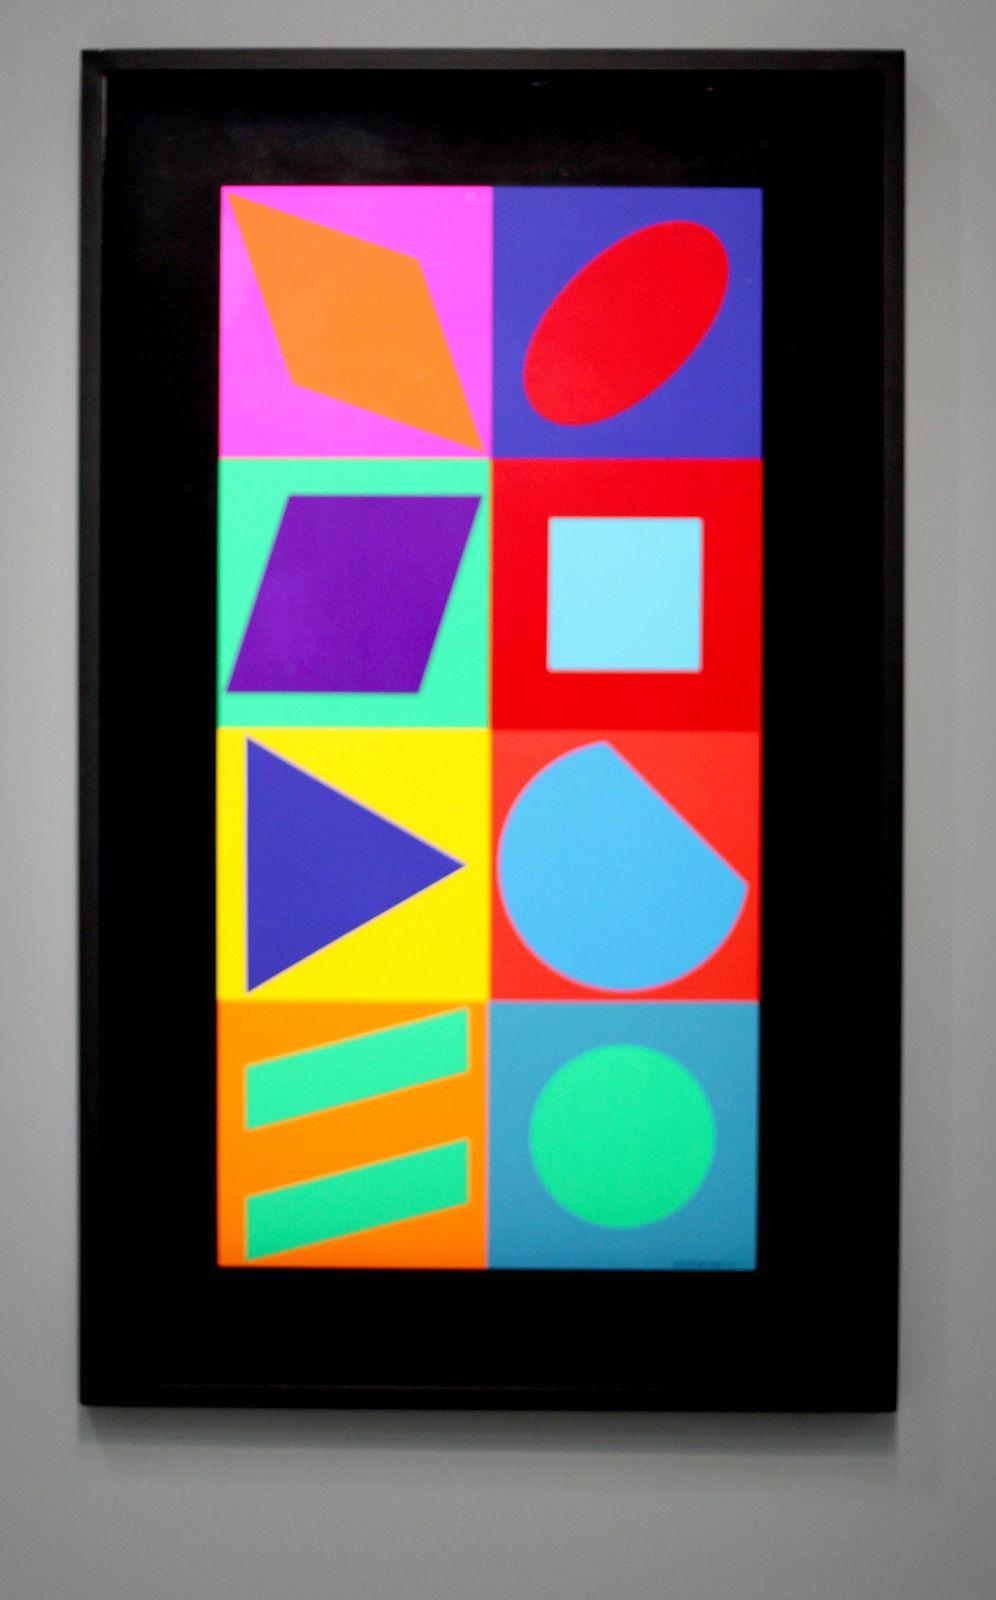 Vasarely Le Partage Des Formes : vasarely, partage, formes, Exposition, Rétrospective, Artiste, XXème, Siècle:, Victor, VASARELY, PARTAGE, FORMES, ACTUART, SIMON